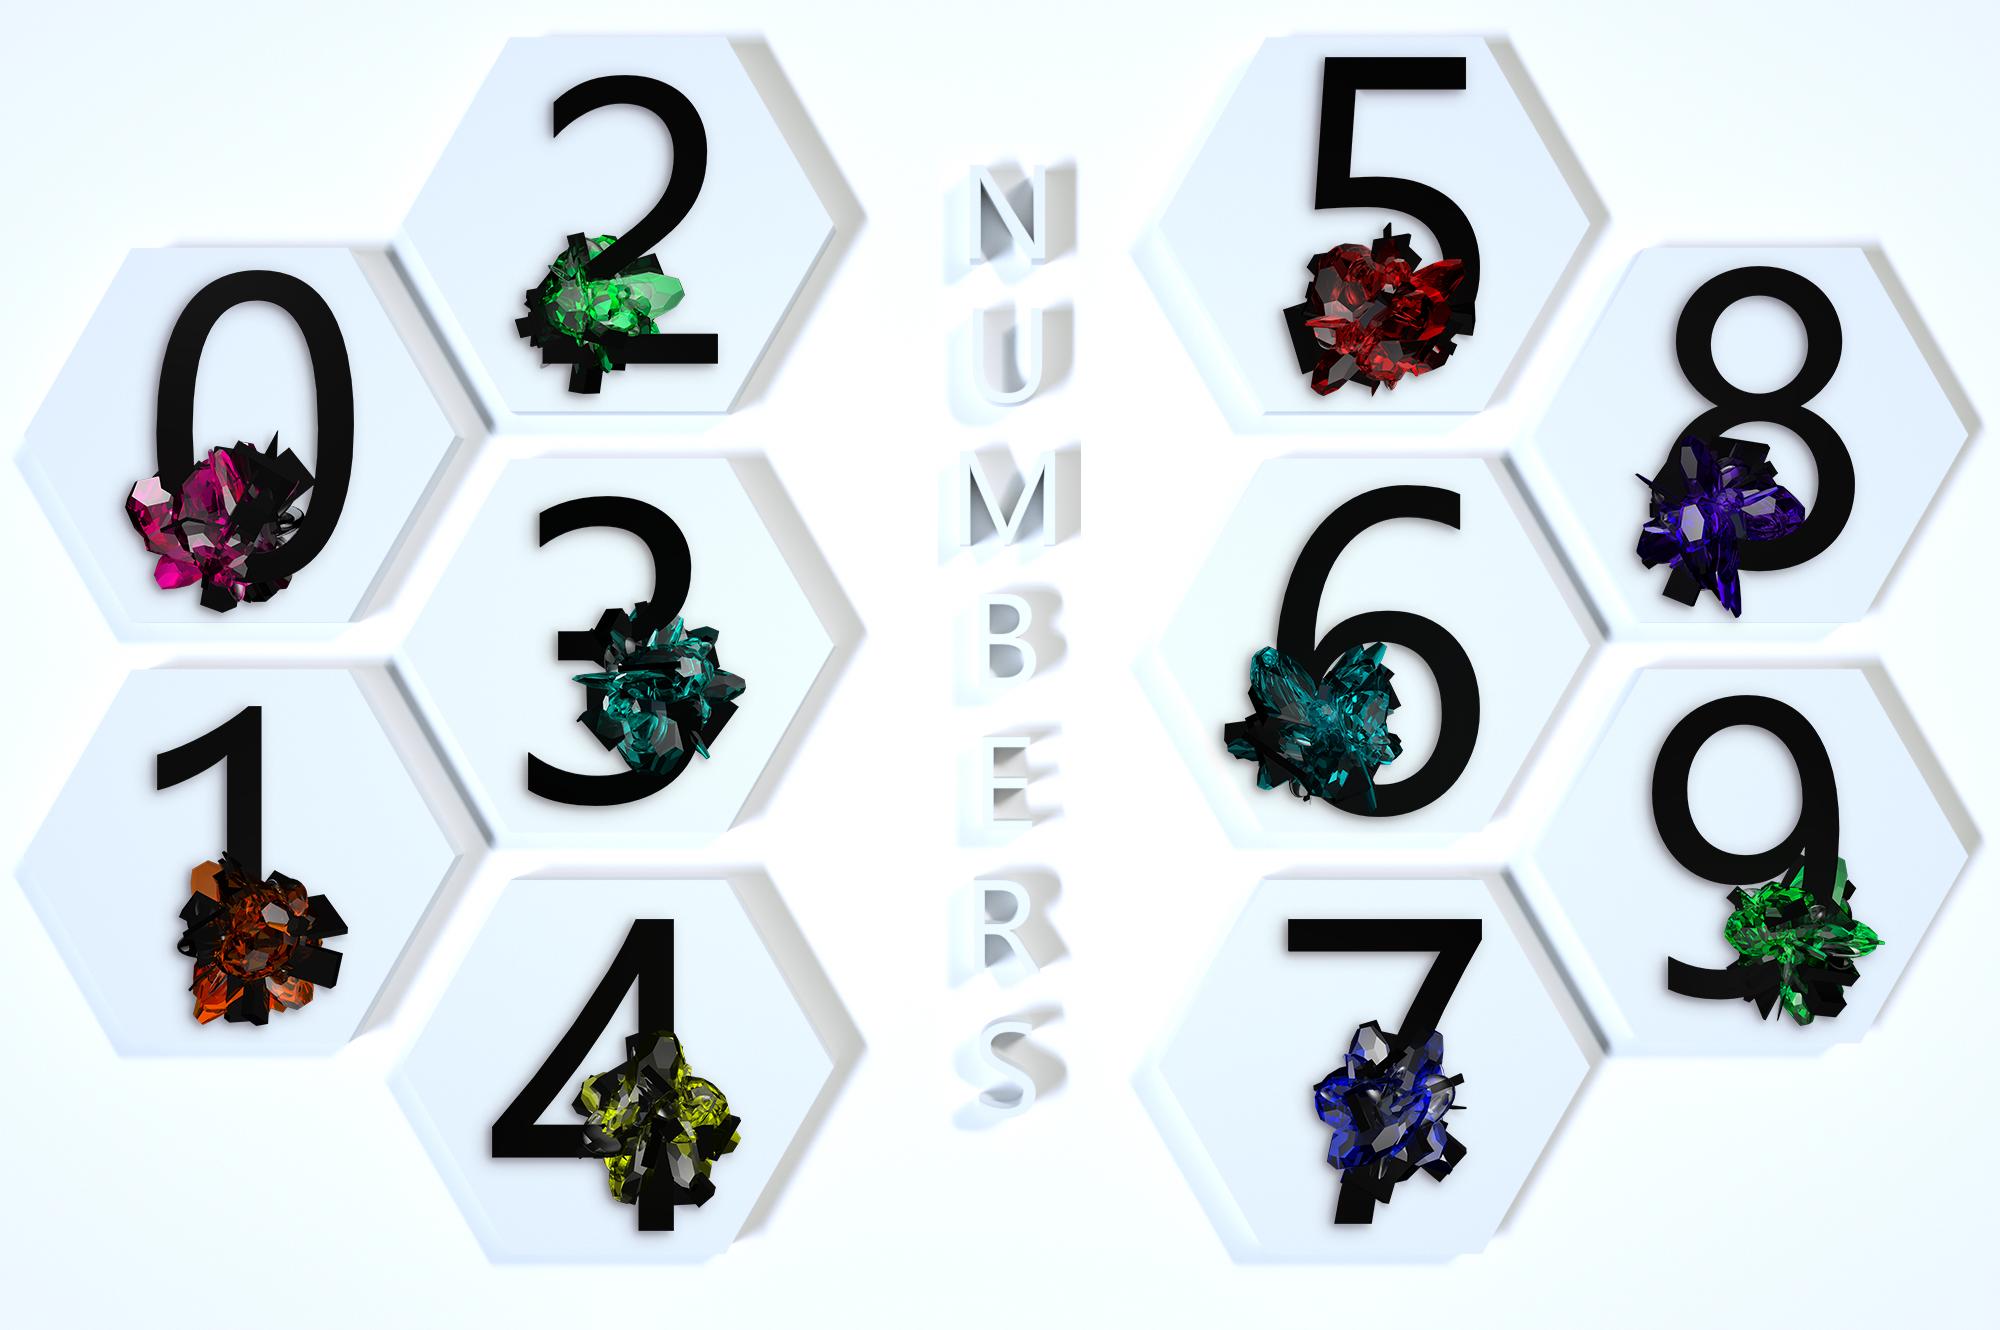 Crystal|Azbuka|Alphabet example image 10